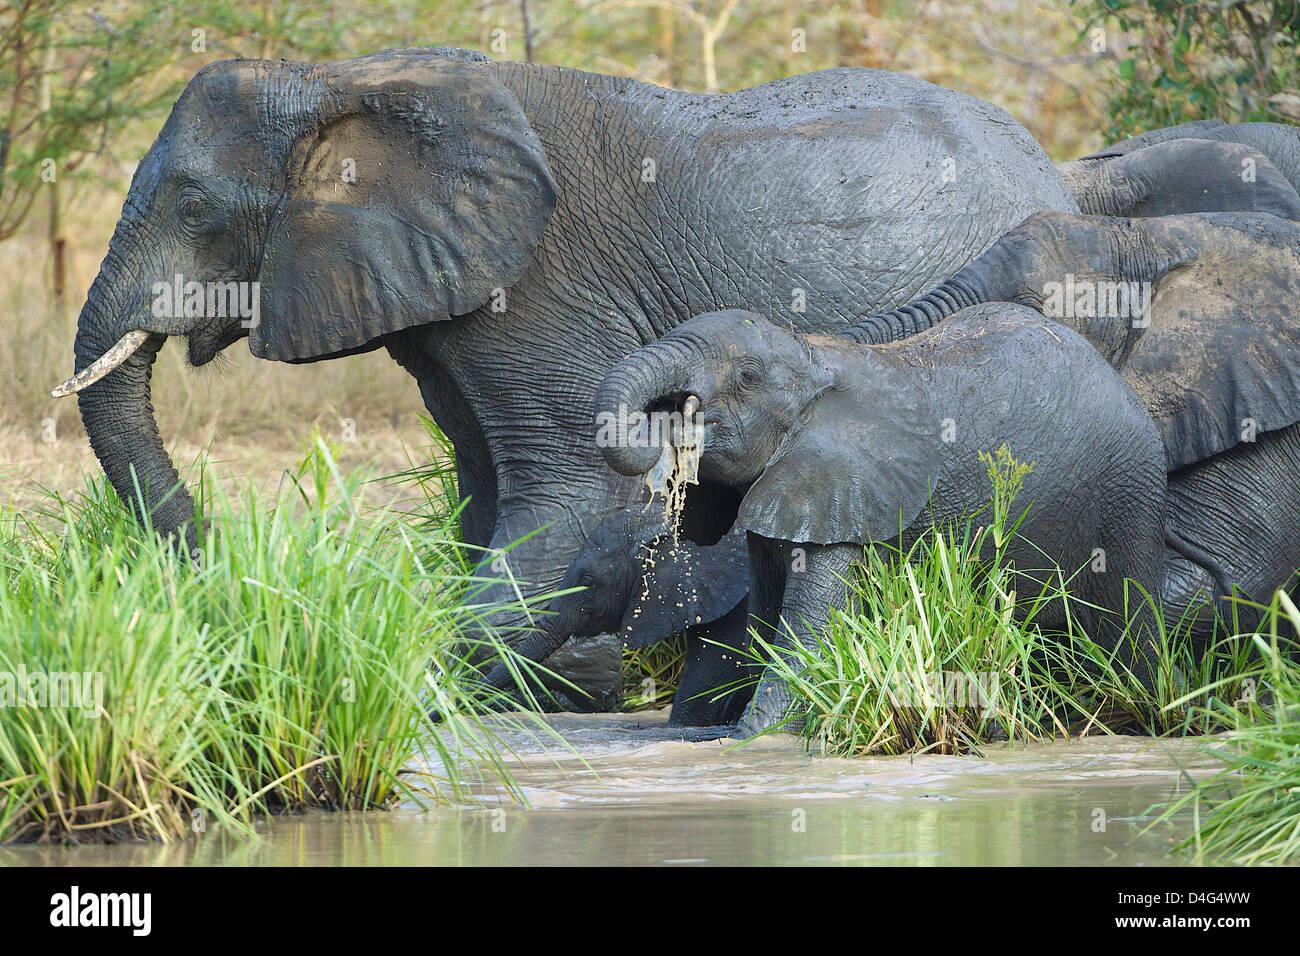 Los elefantes africanos de Tanzania Parque Nacional Saadani potable Foto de stock